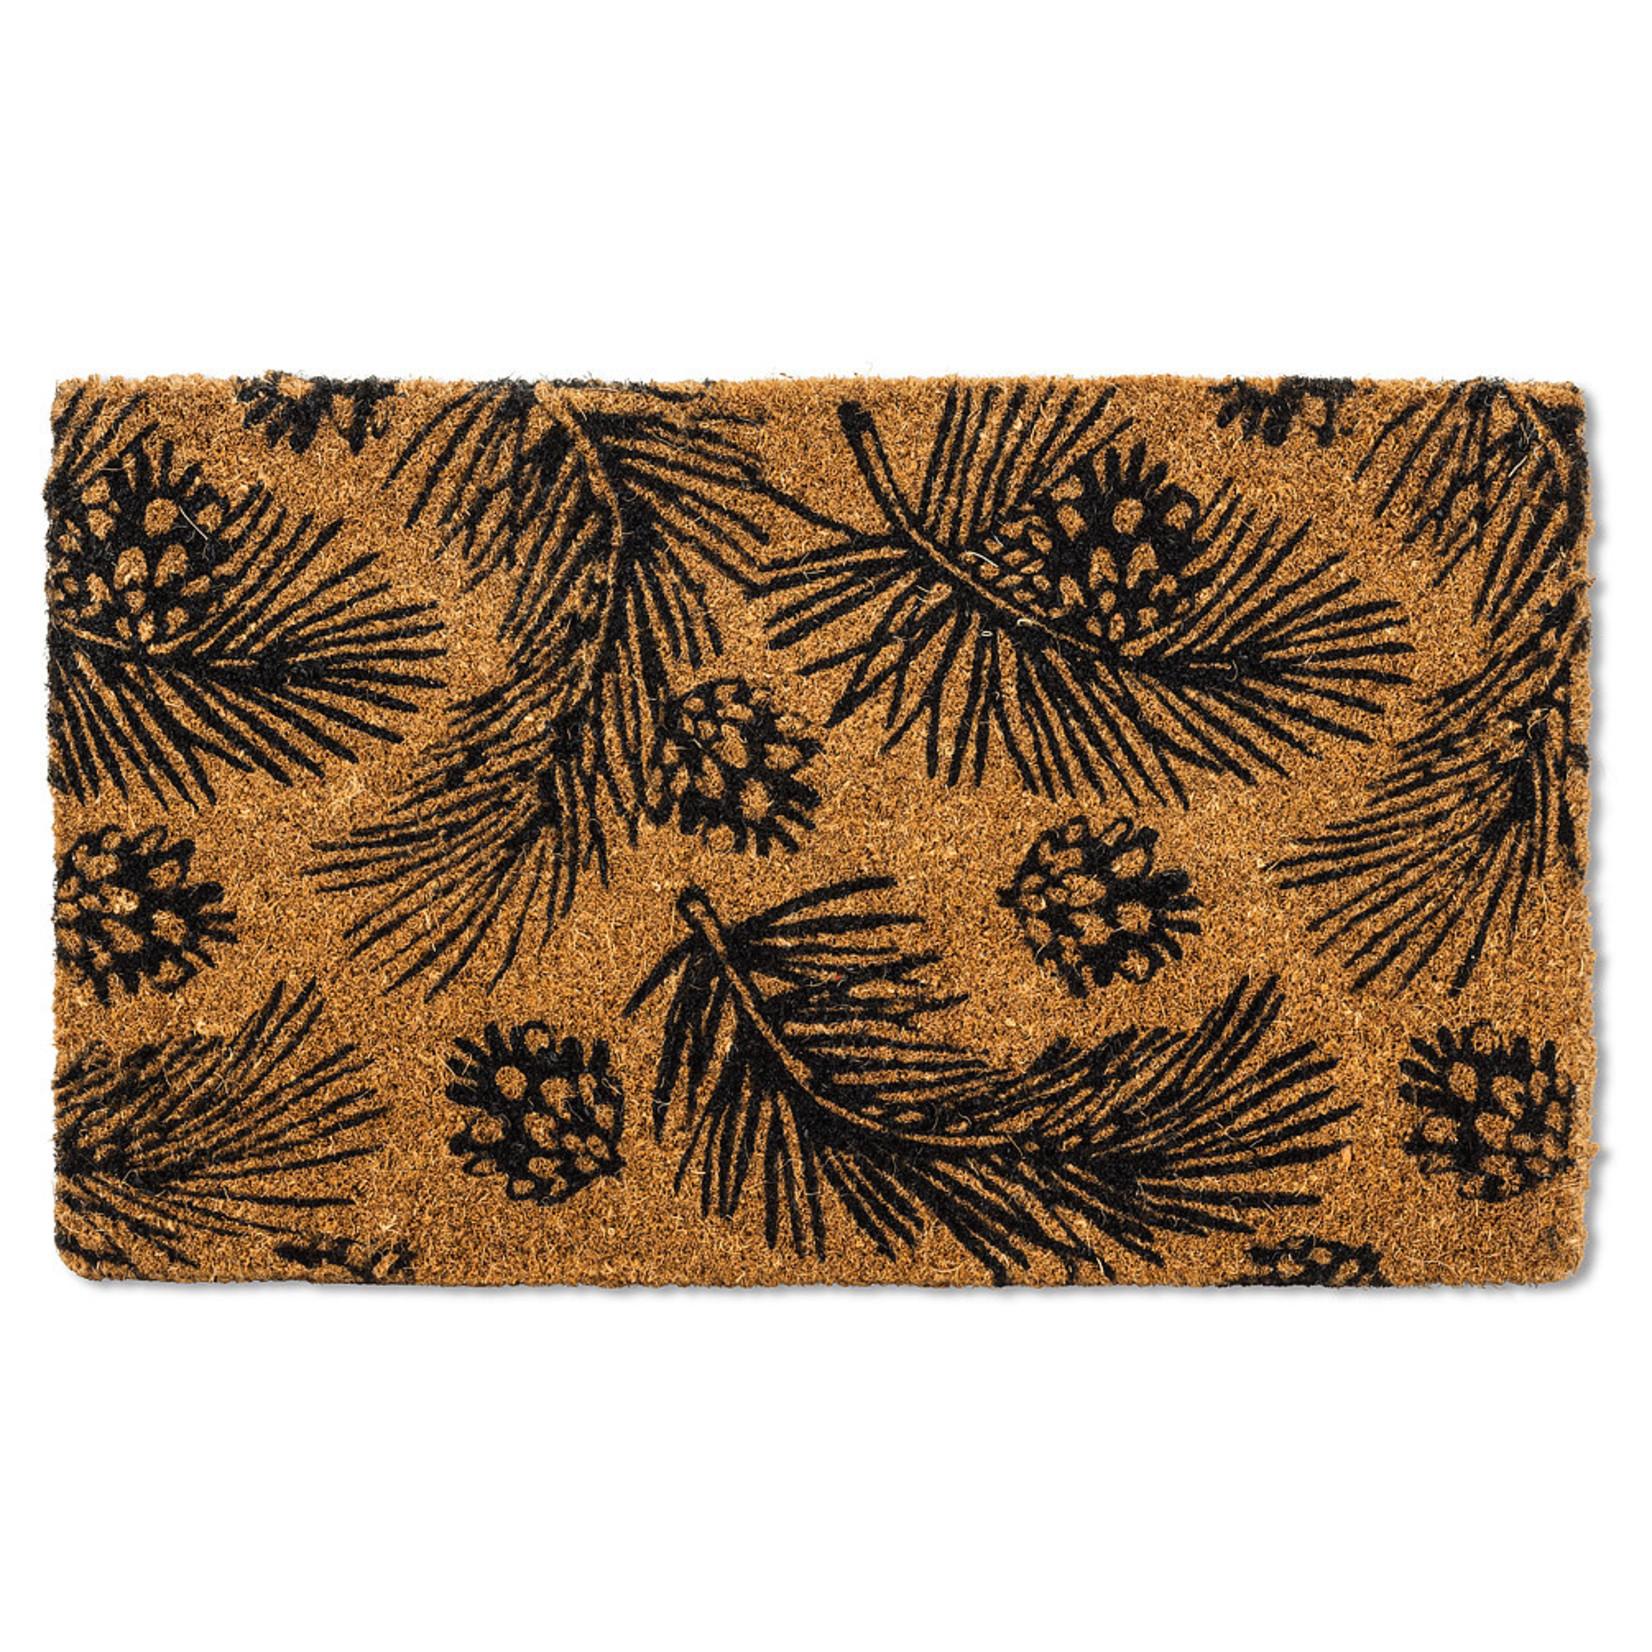 Abbott Pinecones & Branches Doormat